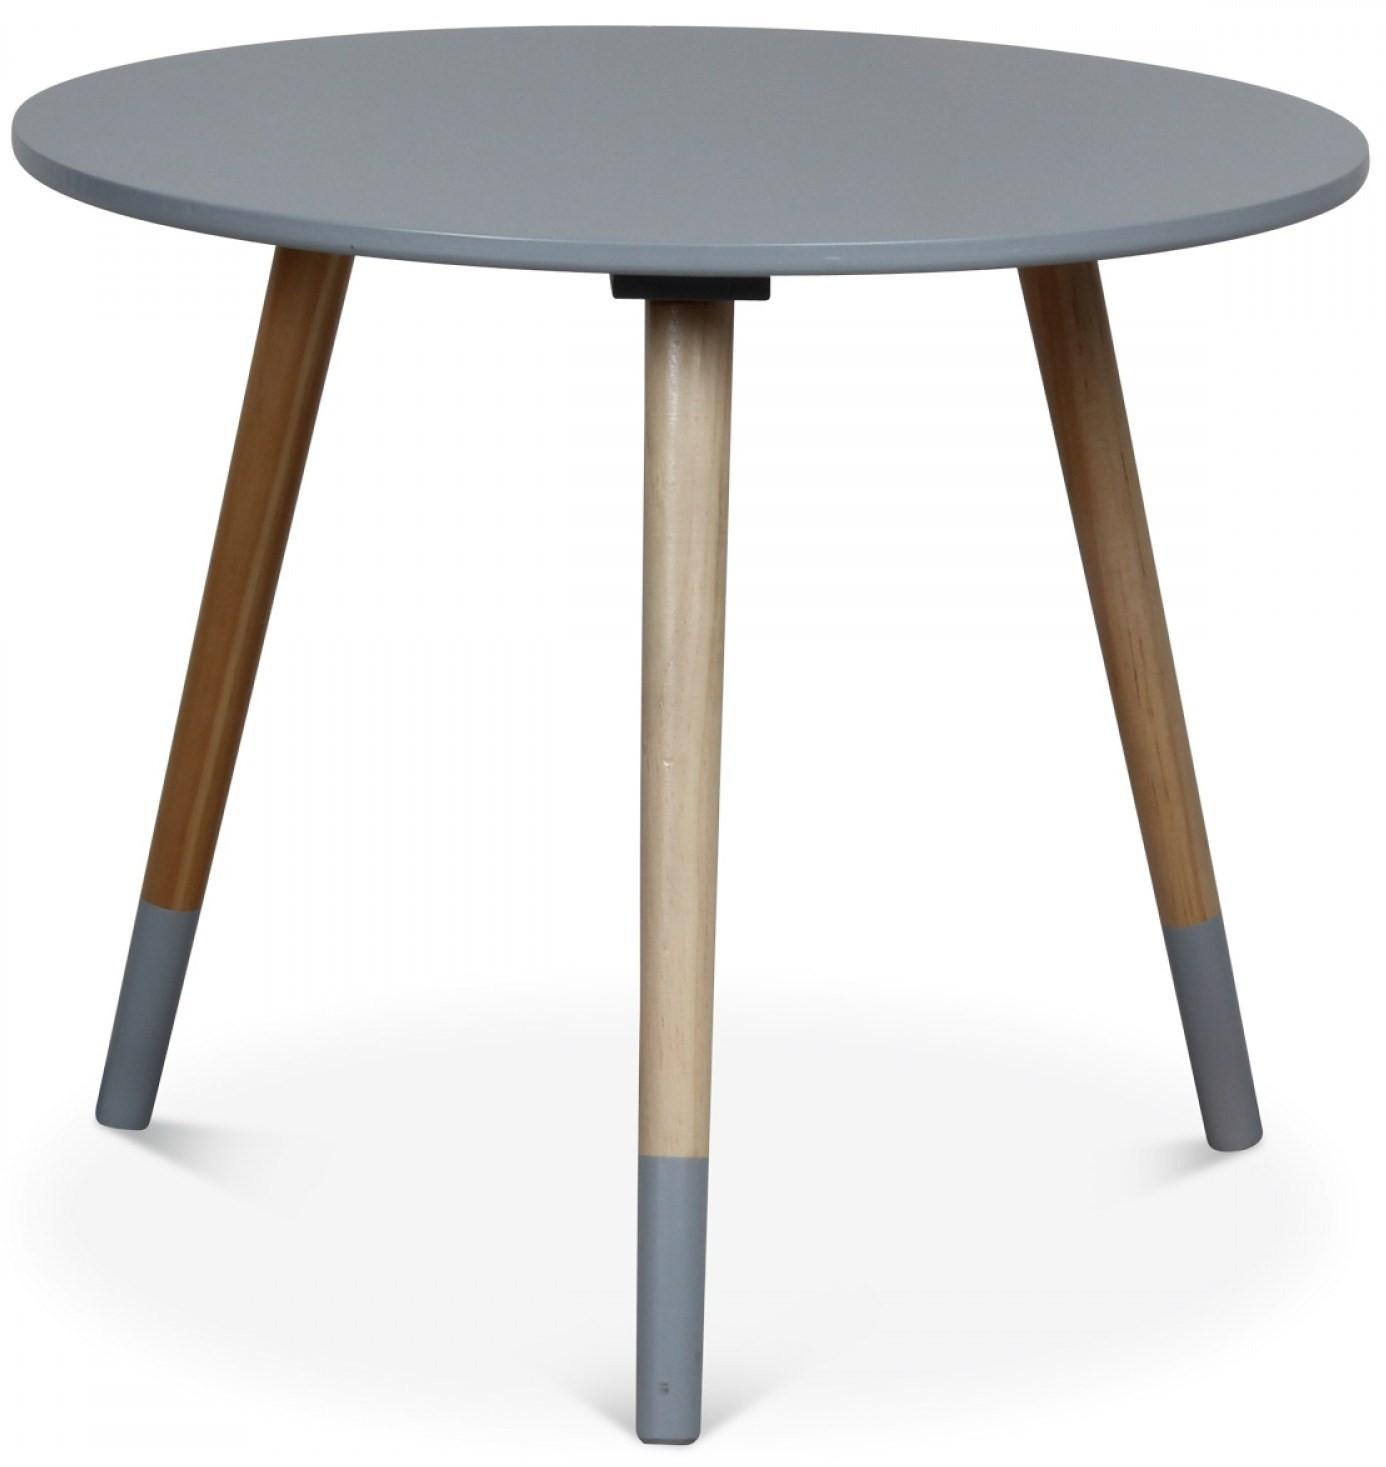 table basse scandinave grise vick 50. Black Bedroom Furniture Sets. Home Design Ideas